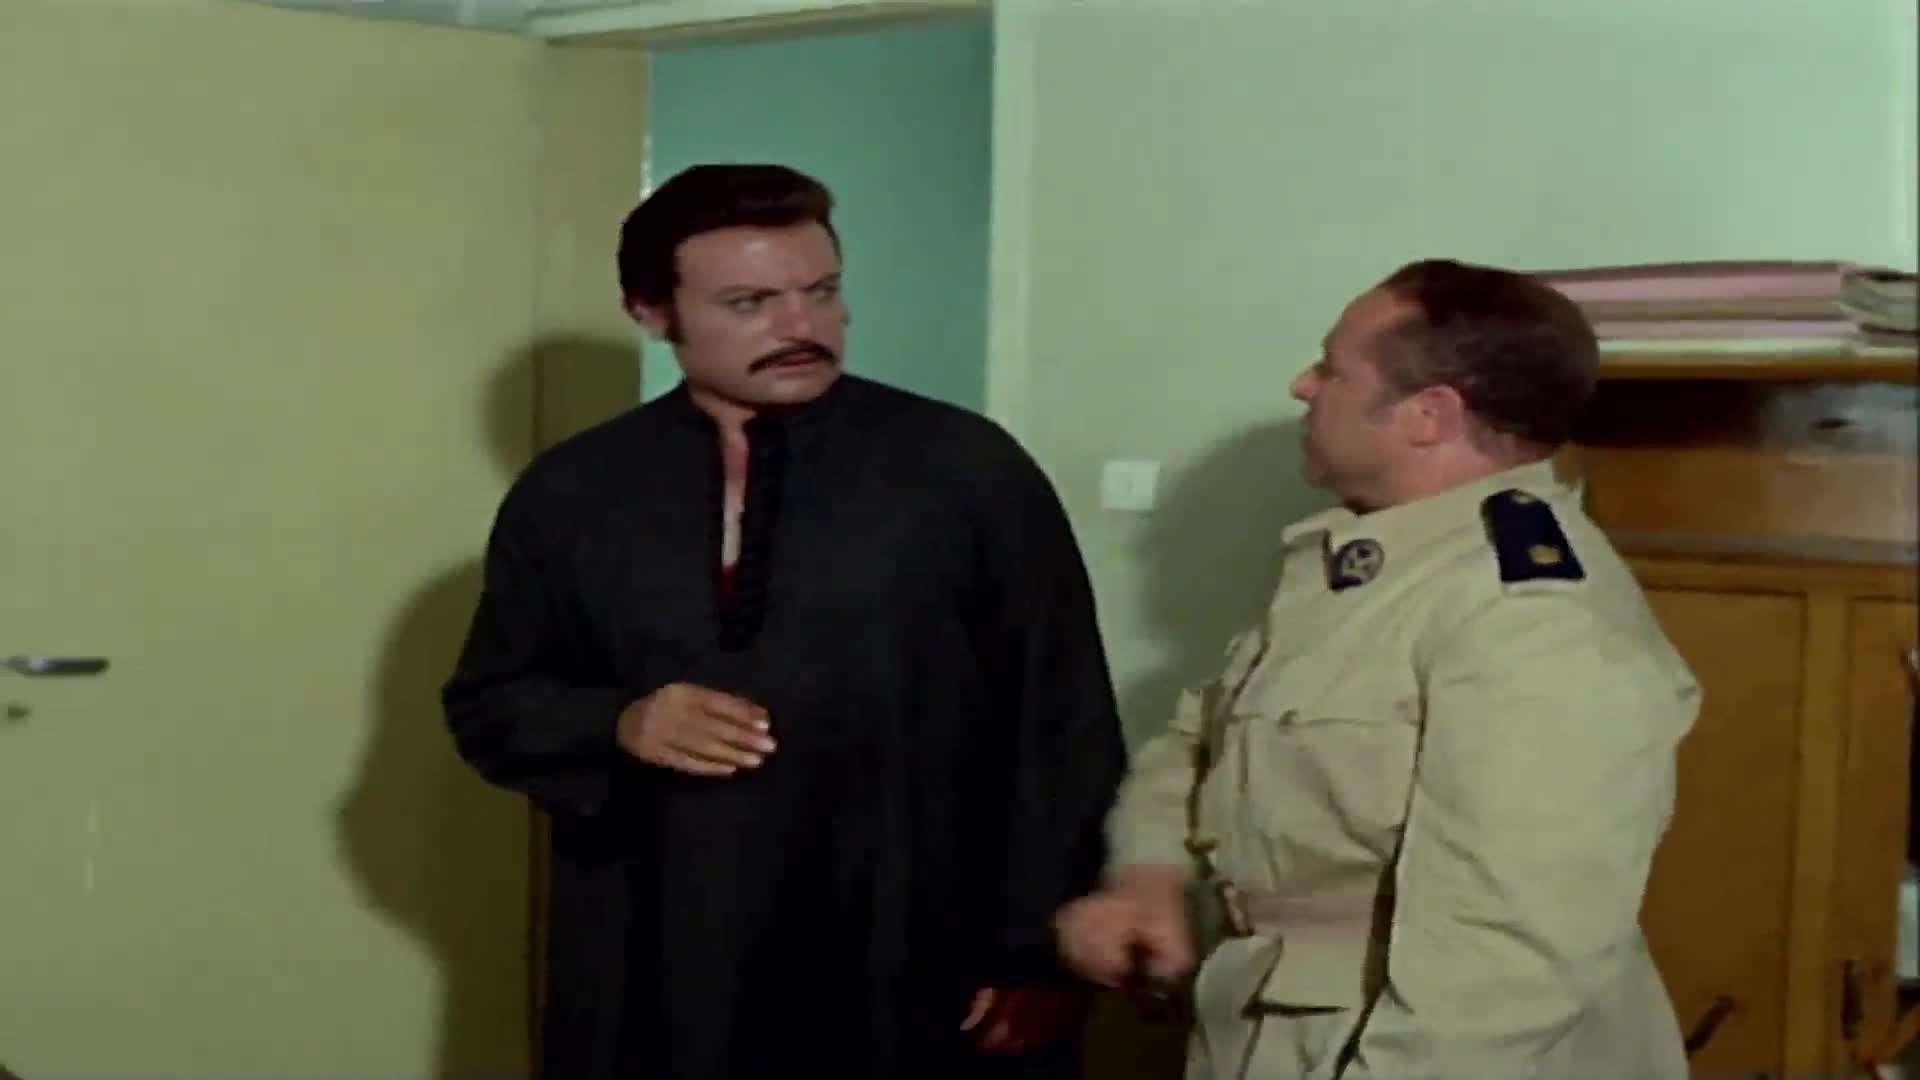 [فيلم][تورنت][تحميل][الكل عاوز يحب][1975][1080p][Web-DL] 14 arabp2p.com